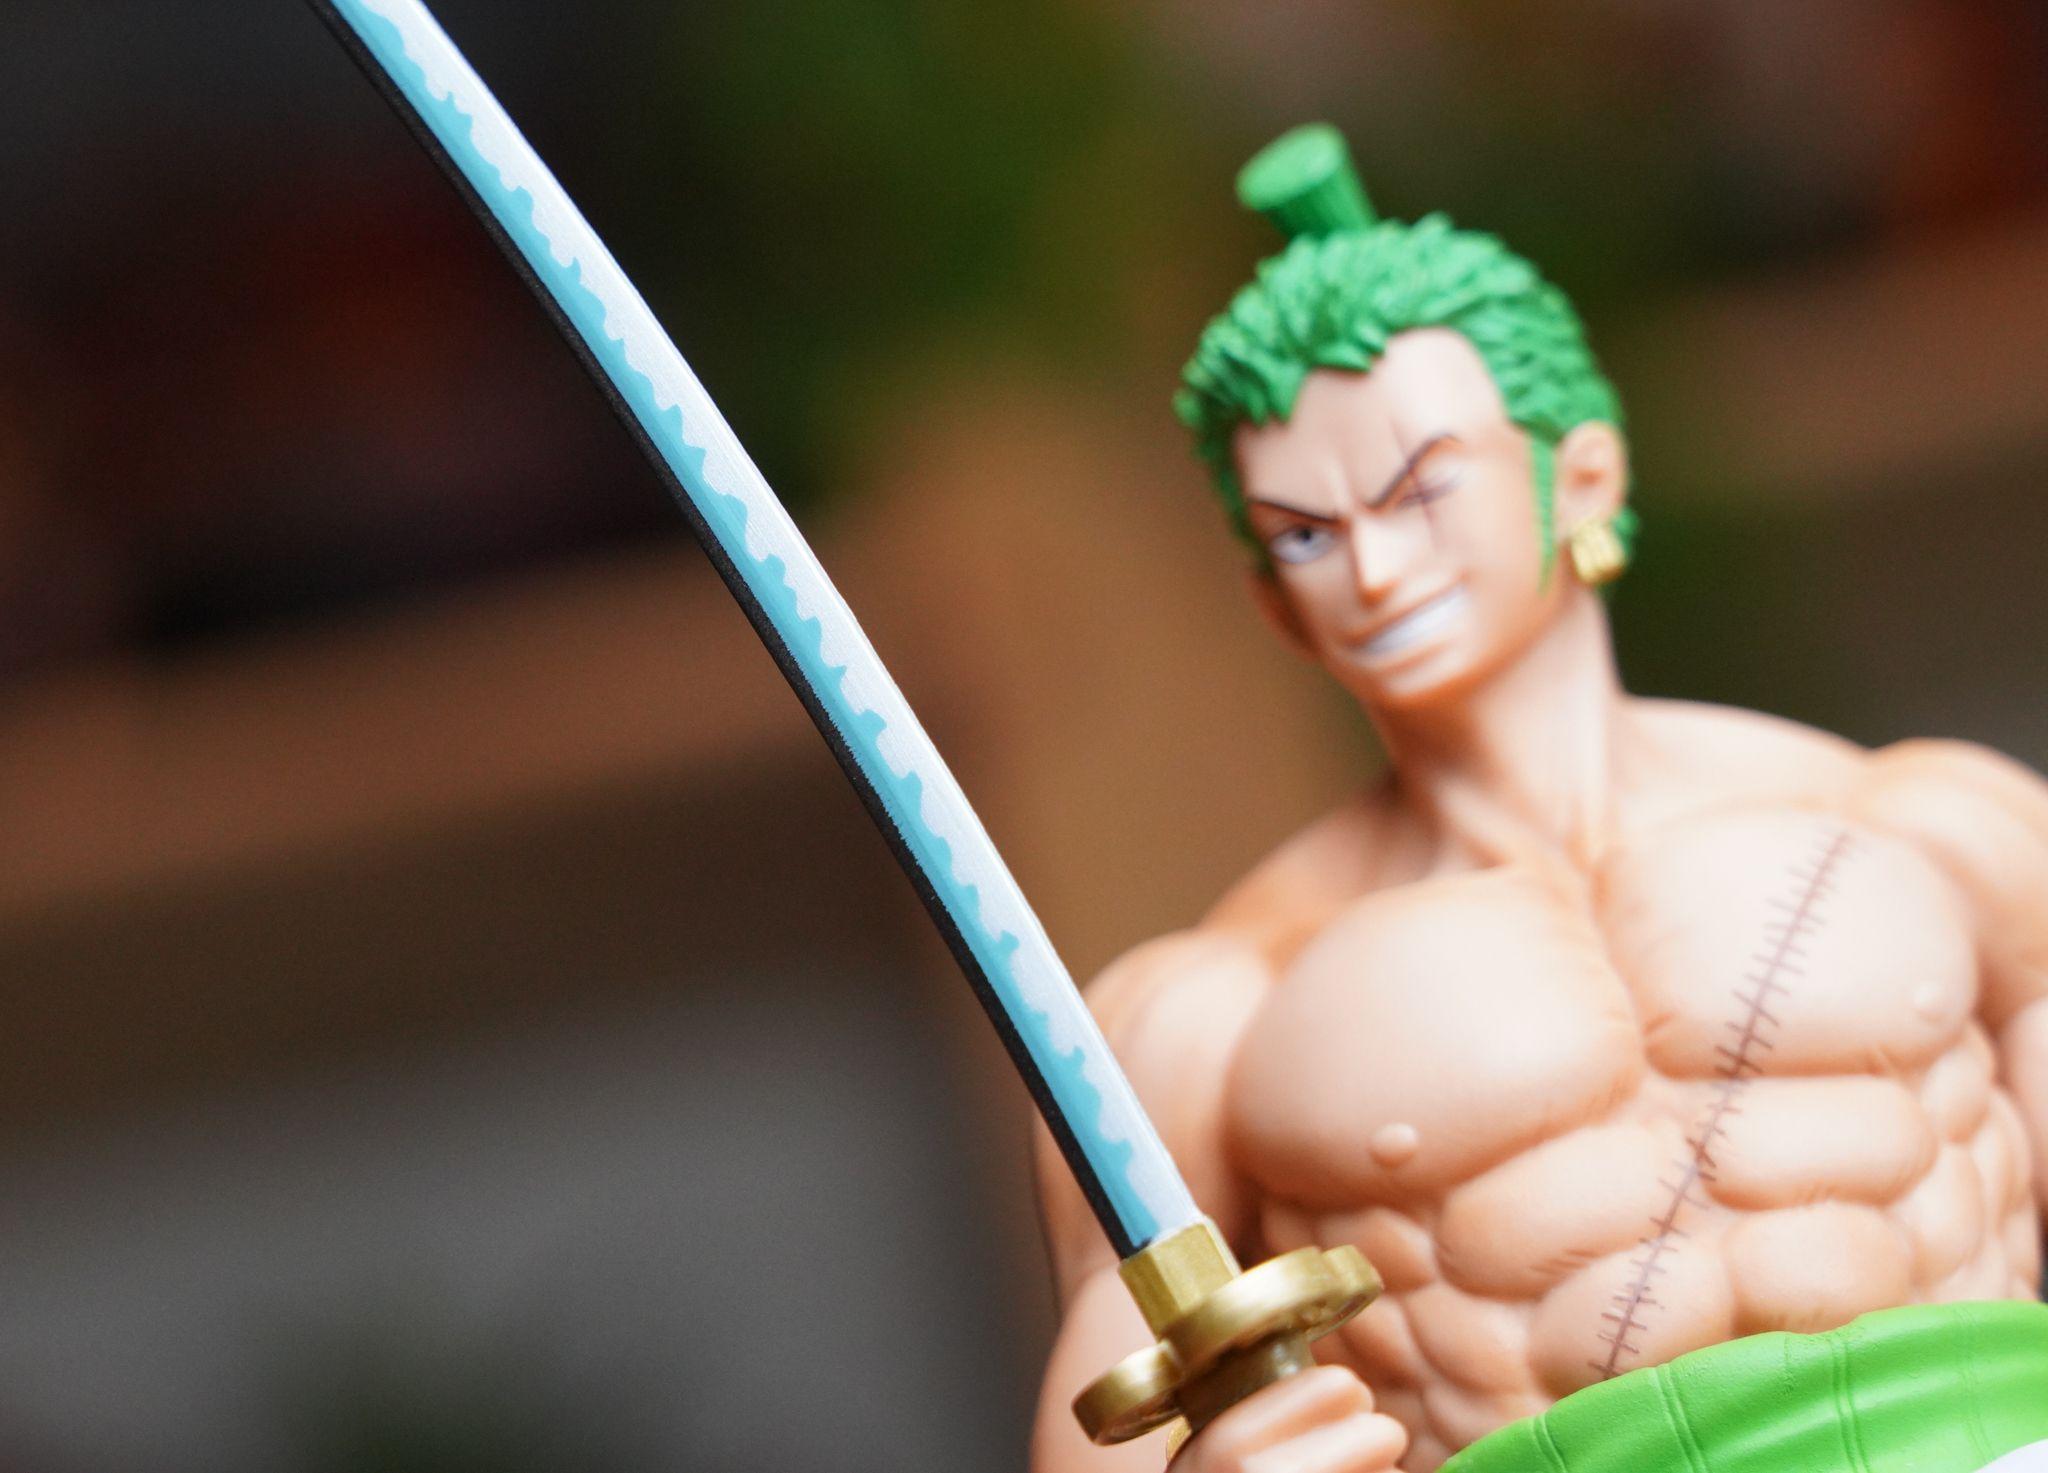 ヒコレット🌻 on Twitter   Toy figures, Figure model, Model one